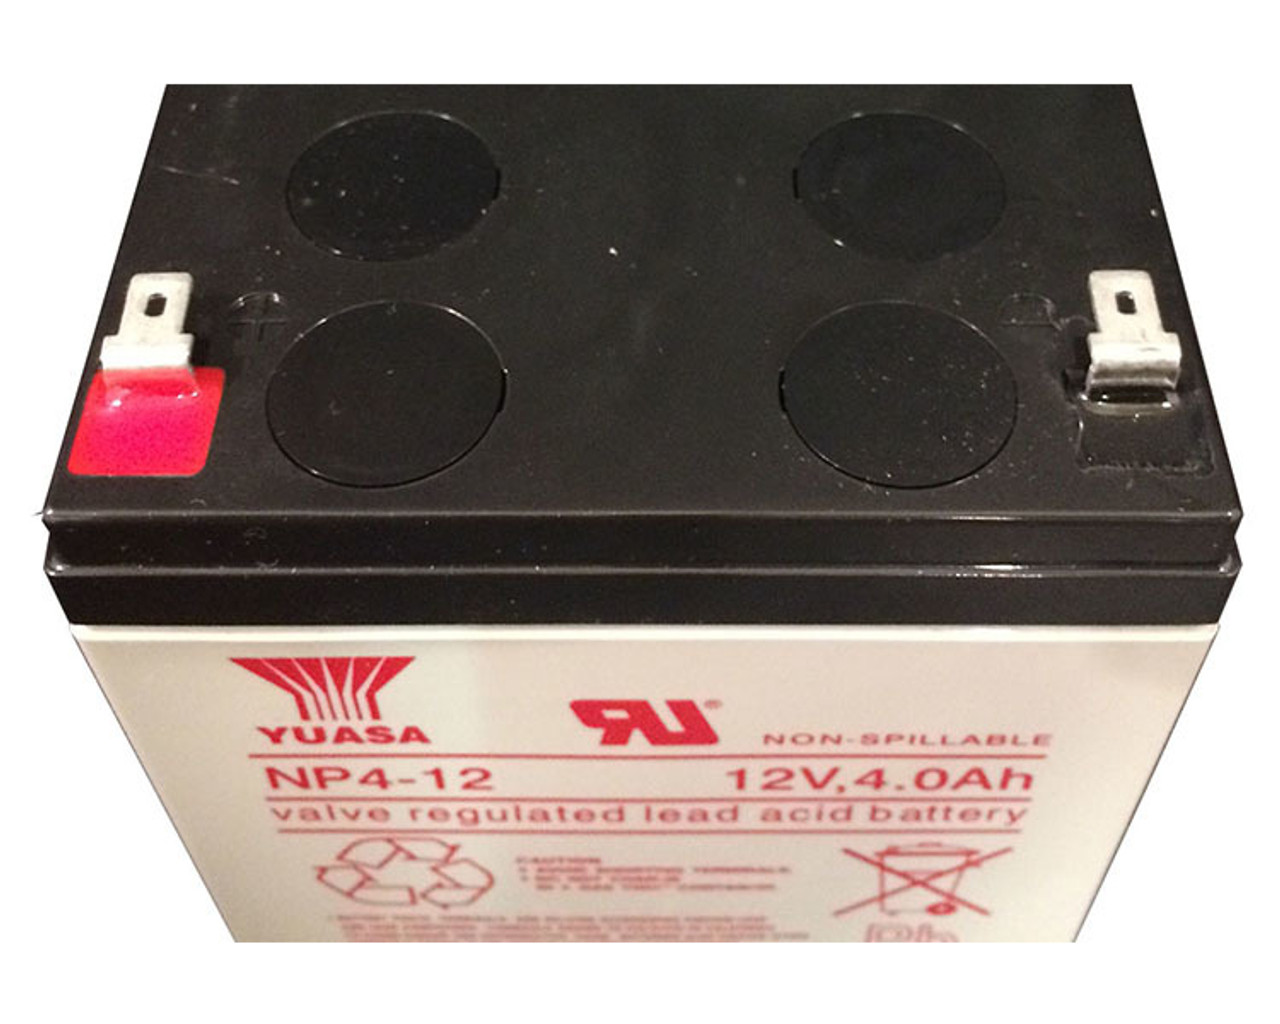 Yuasa 12V 4 0AH NP4-12 Battery